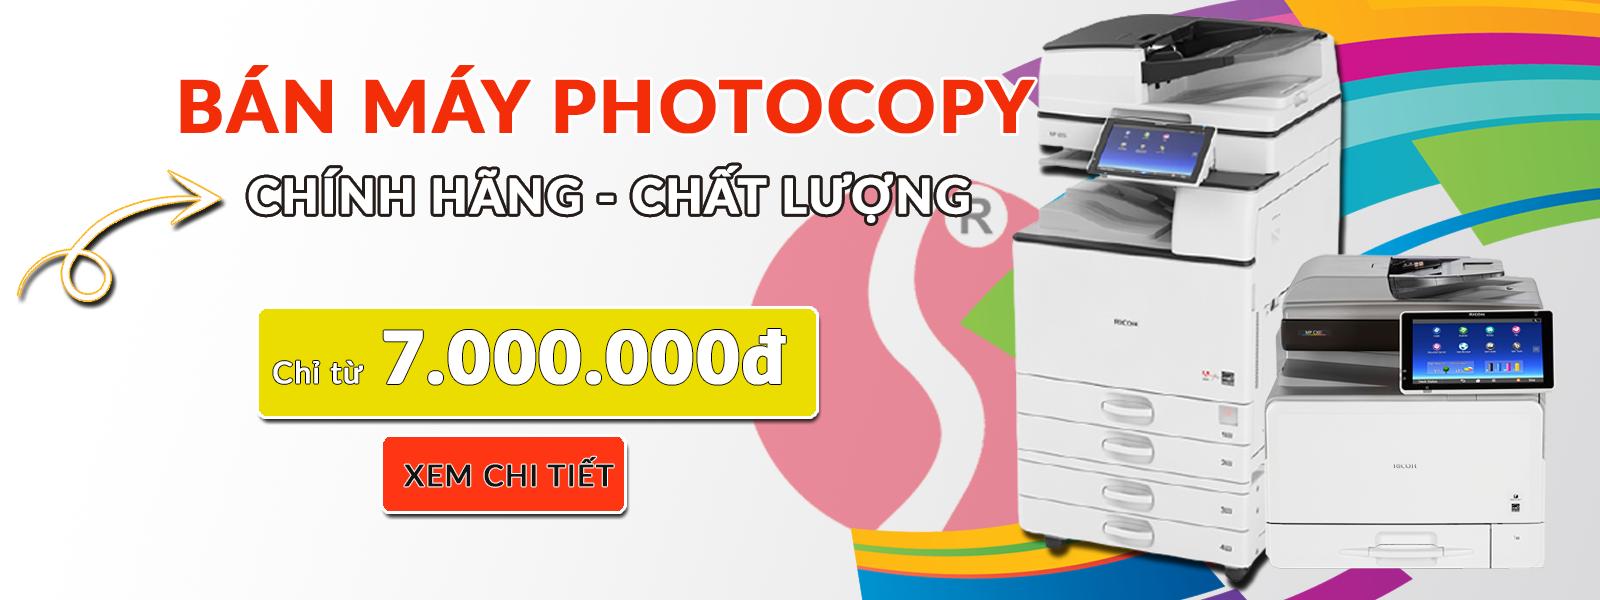 BAN-MAY-PHOTOCPOPY-CAN-THO